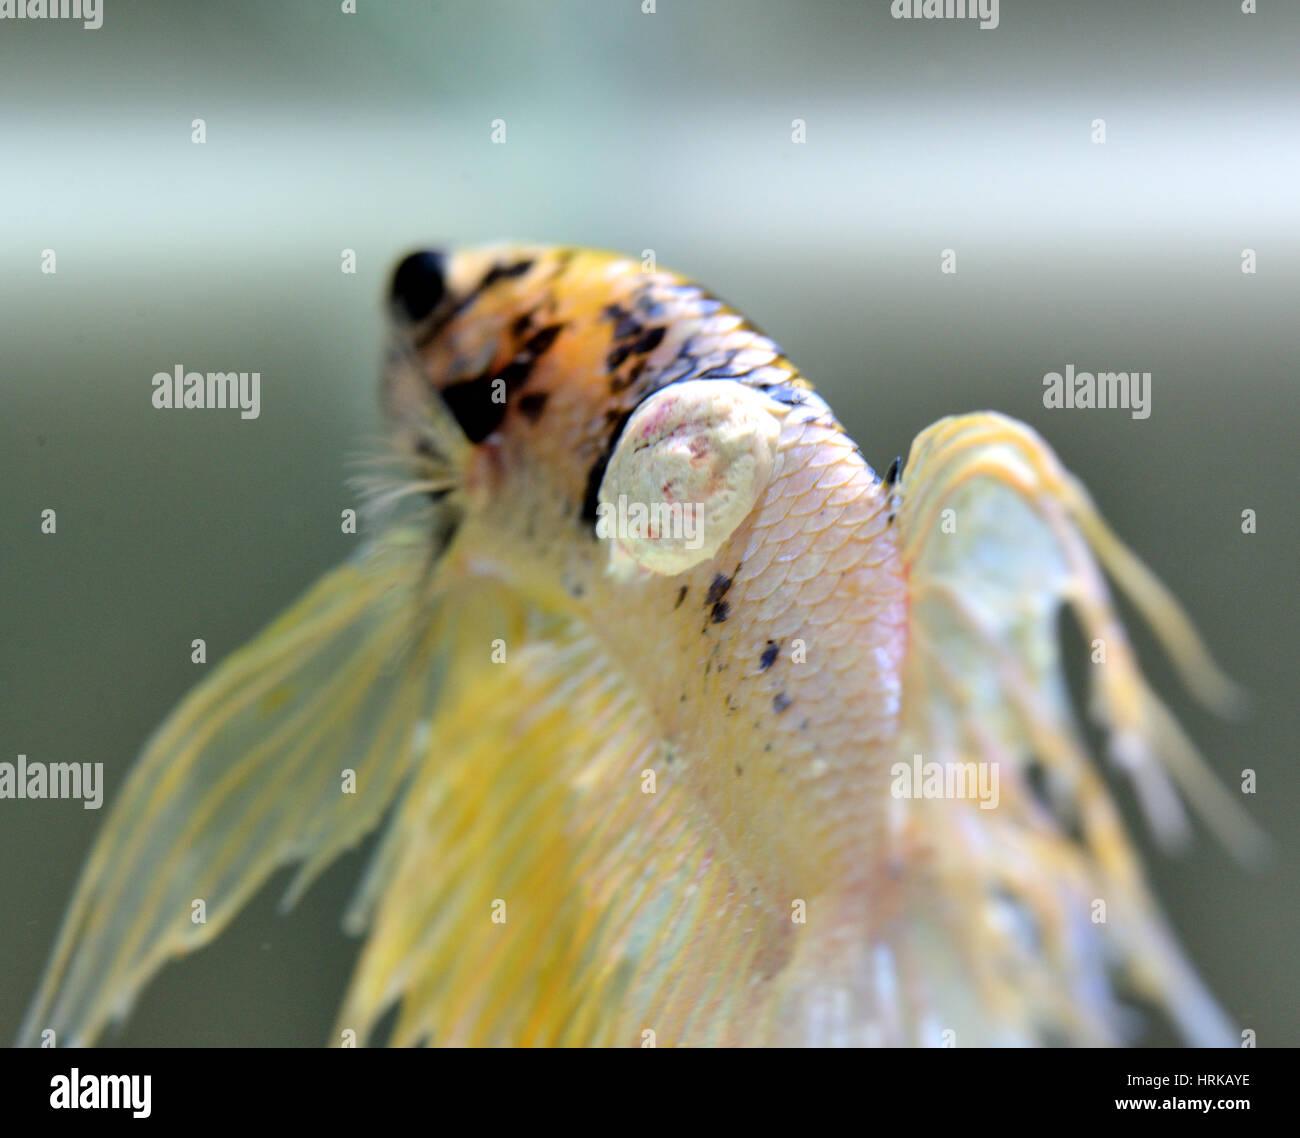 Aquarium Fish Disease Stock Photos Aquarium Fish Disease Stock